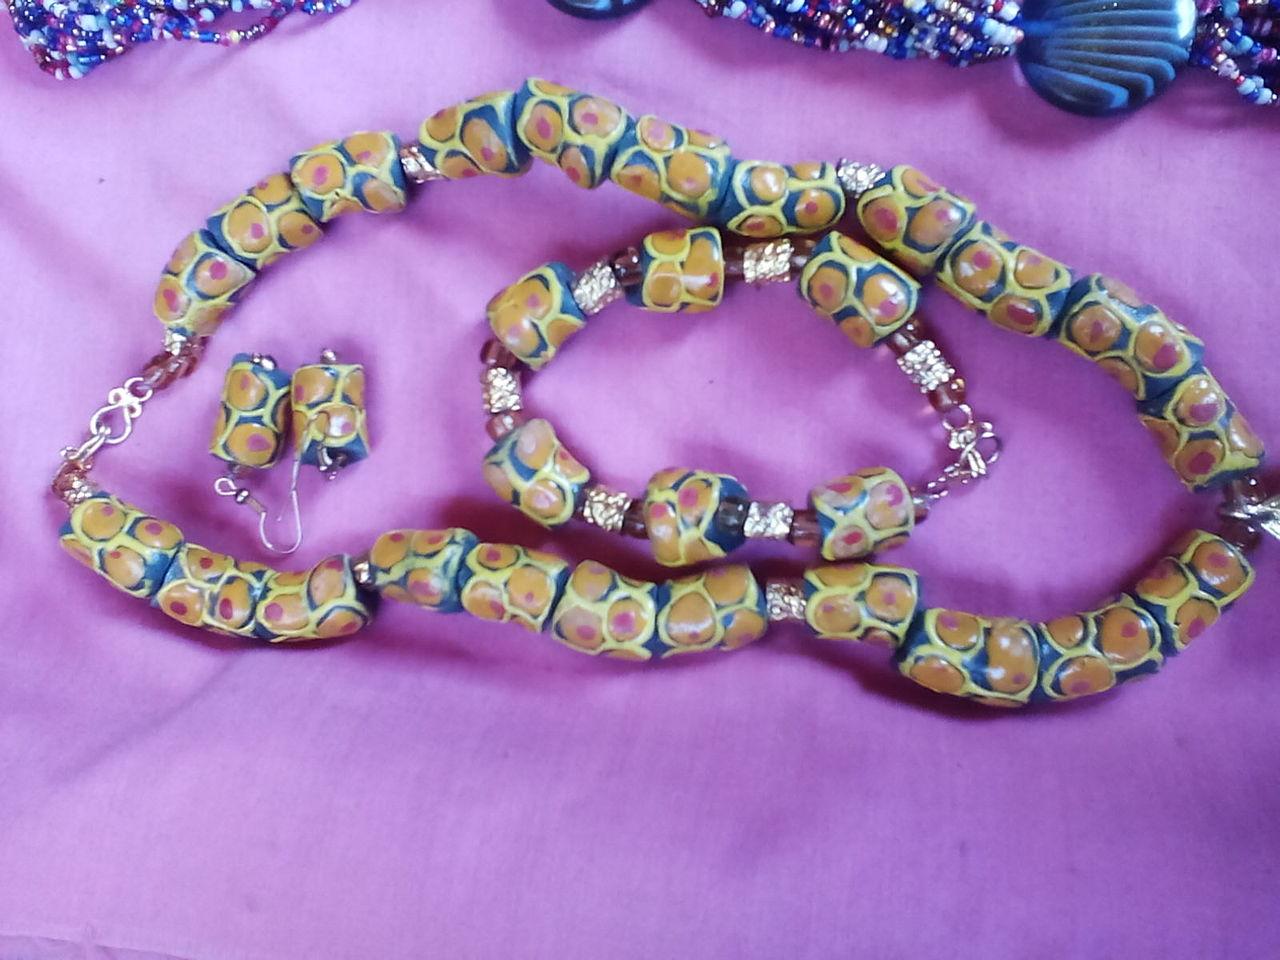 Collier et bracelet pour femme